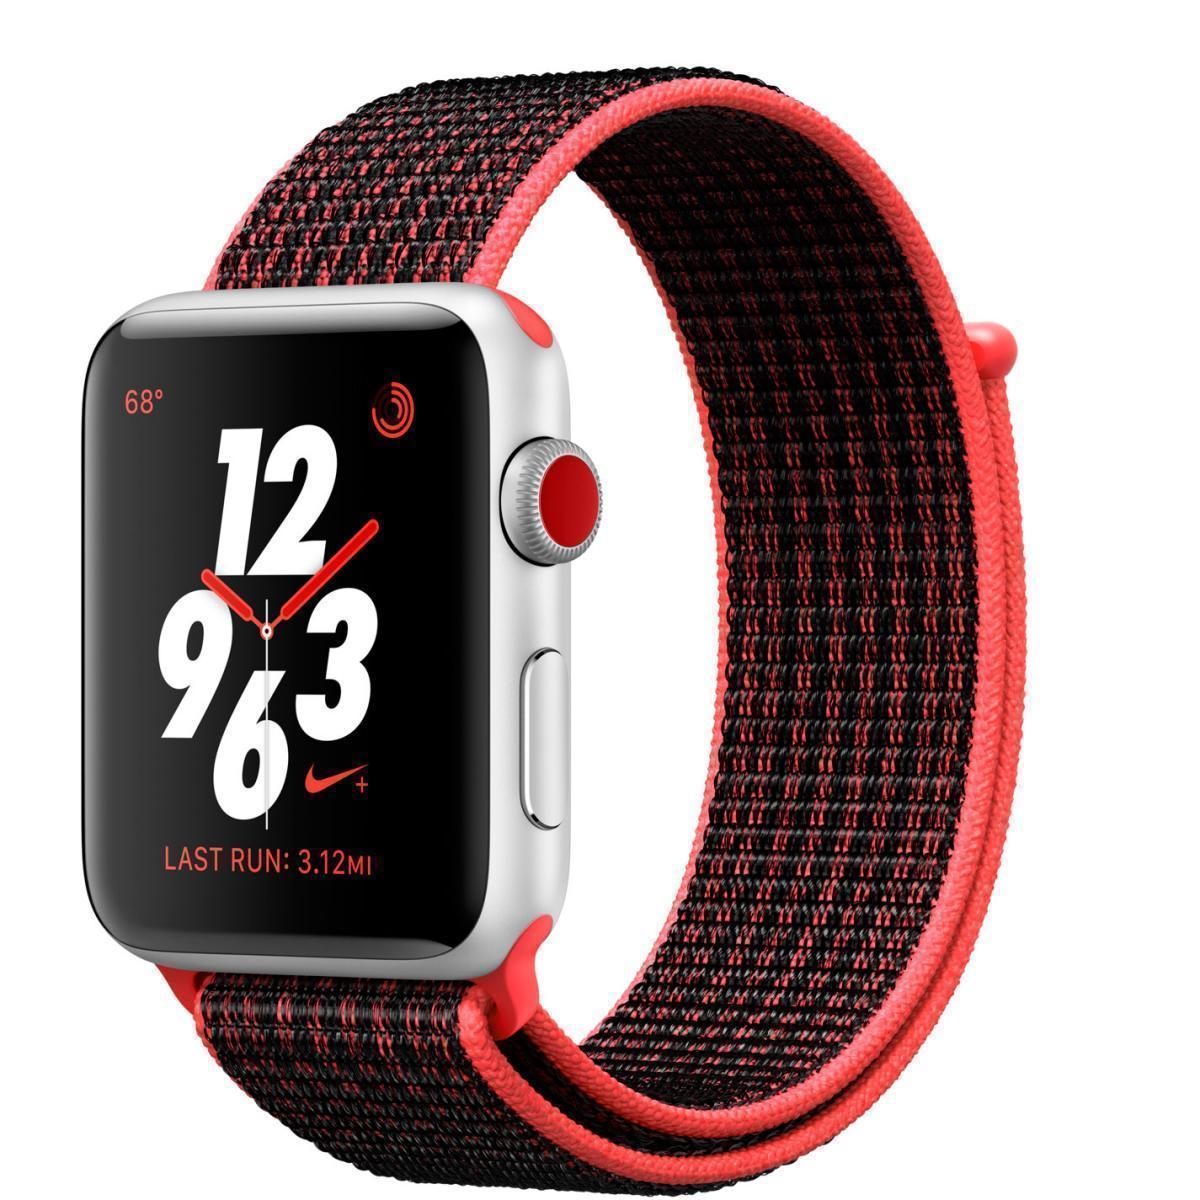 Apple Watch Nike+ Series 3 42mm (GPS) Silver with Bright Crimson/Black Nike Sport Loop MQLE2